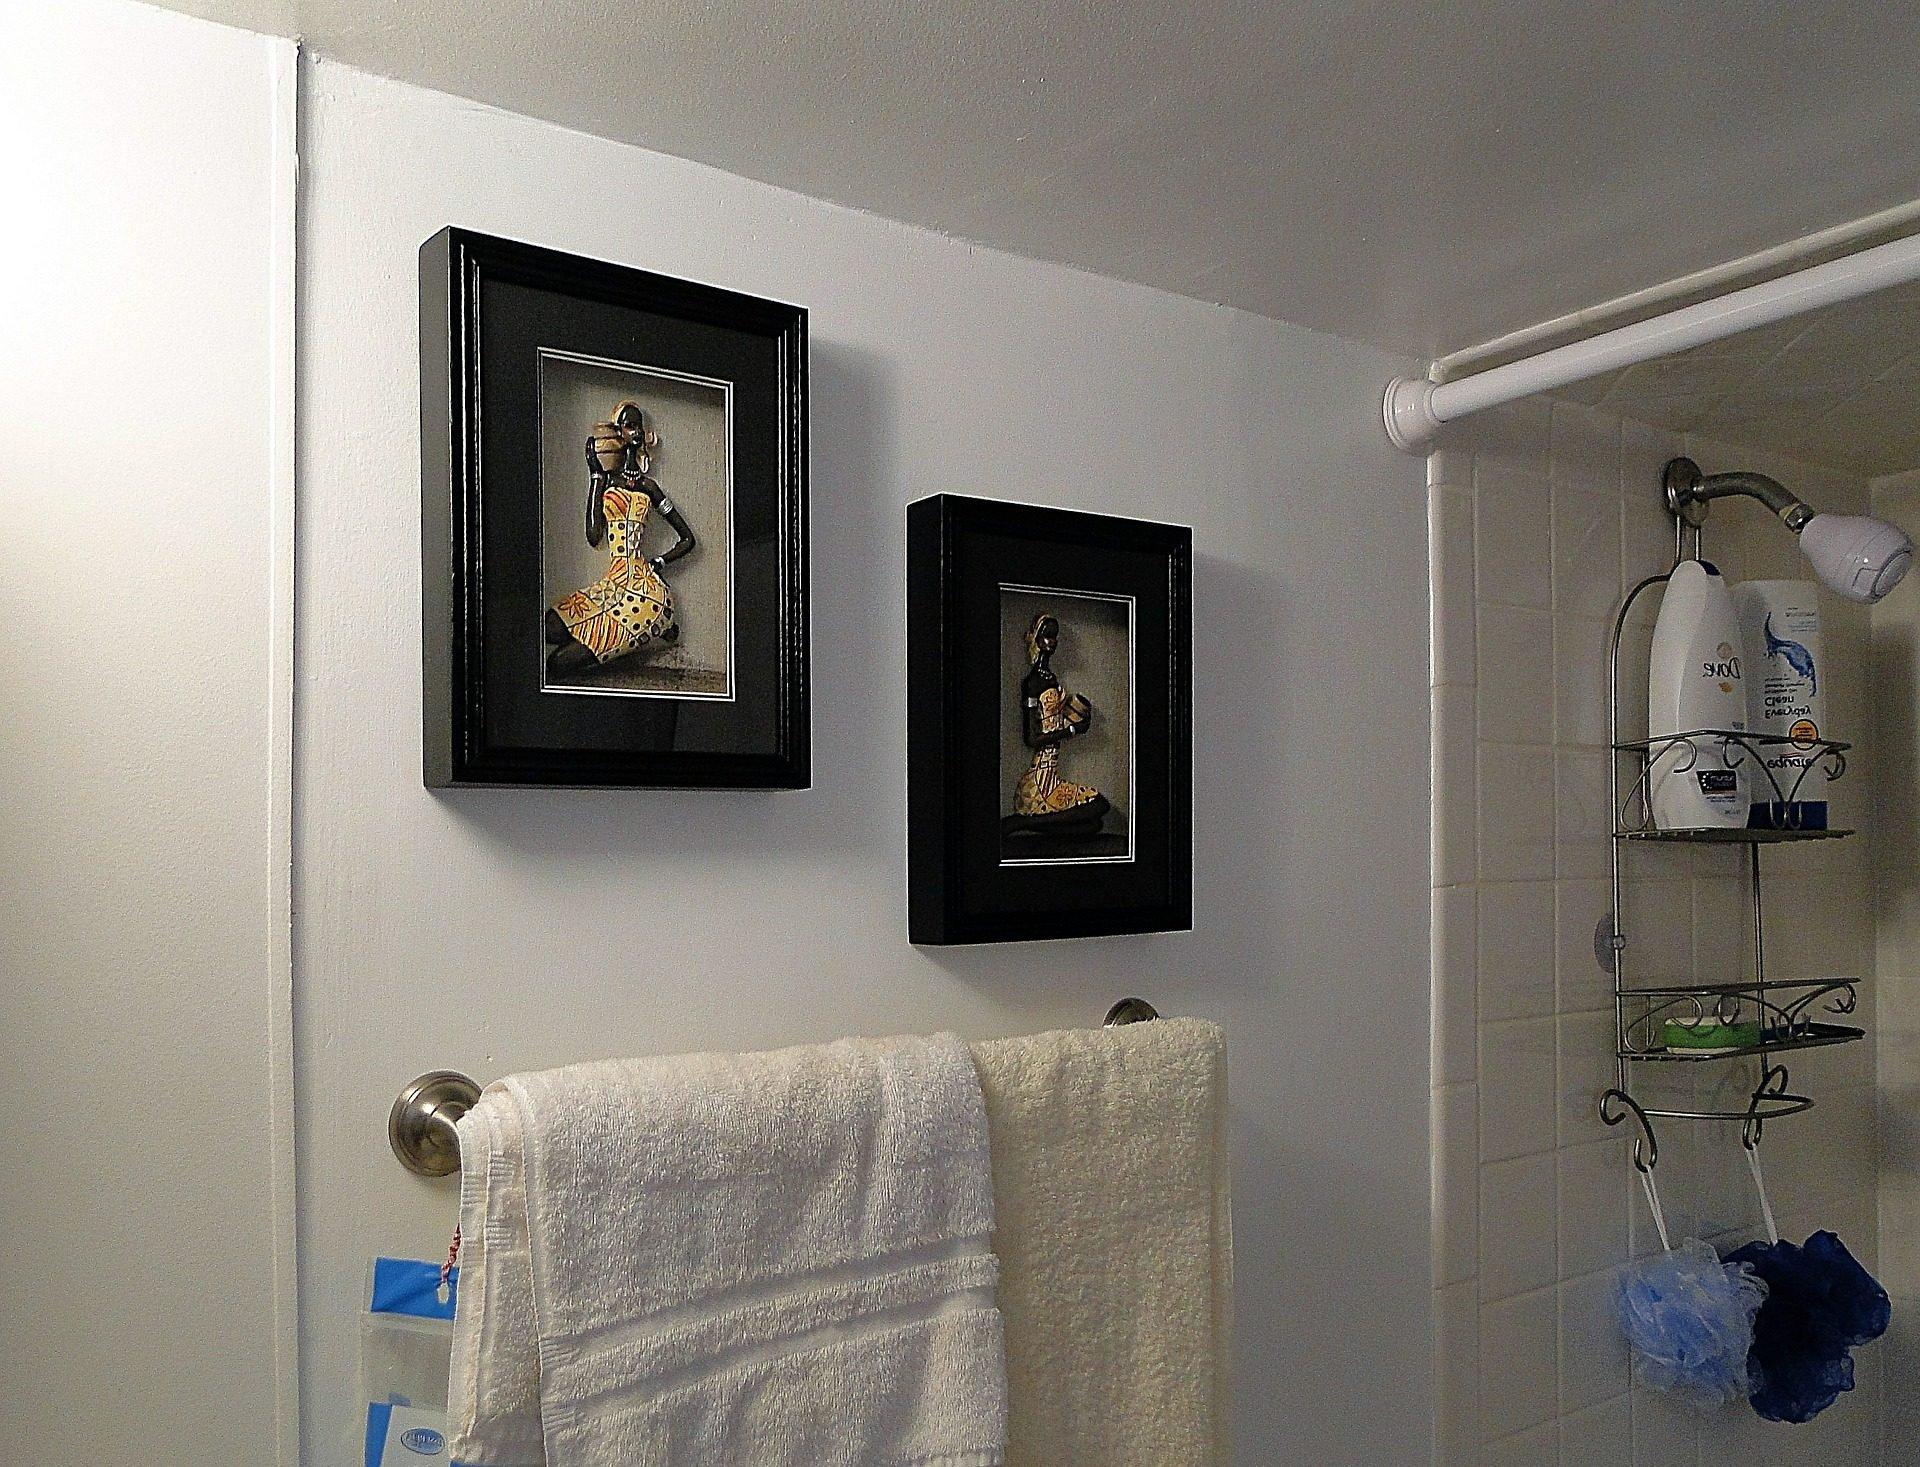 Accessori Bagno Da Appendere portaoggetti da doccia: come sceglierne uno utile e bello